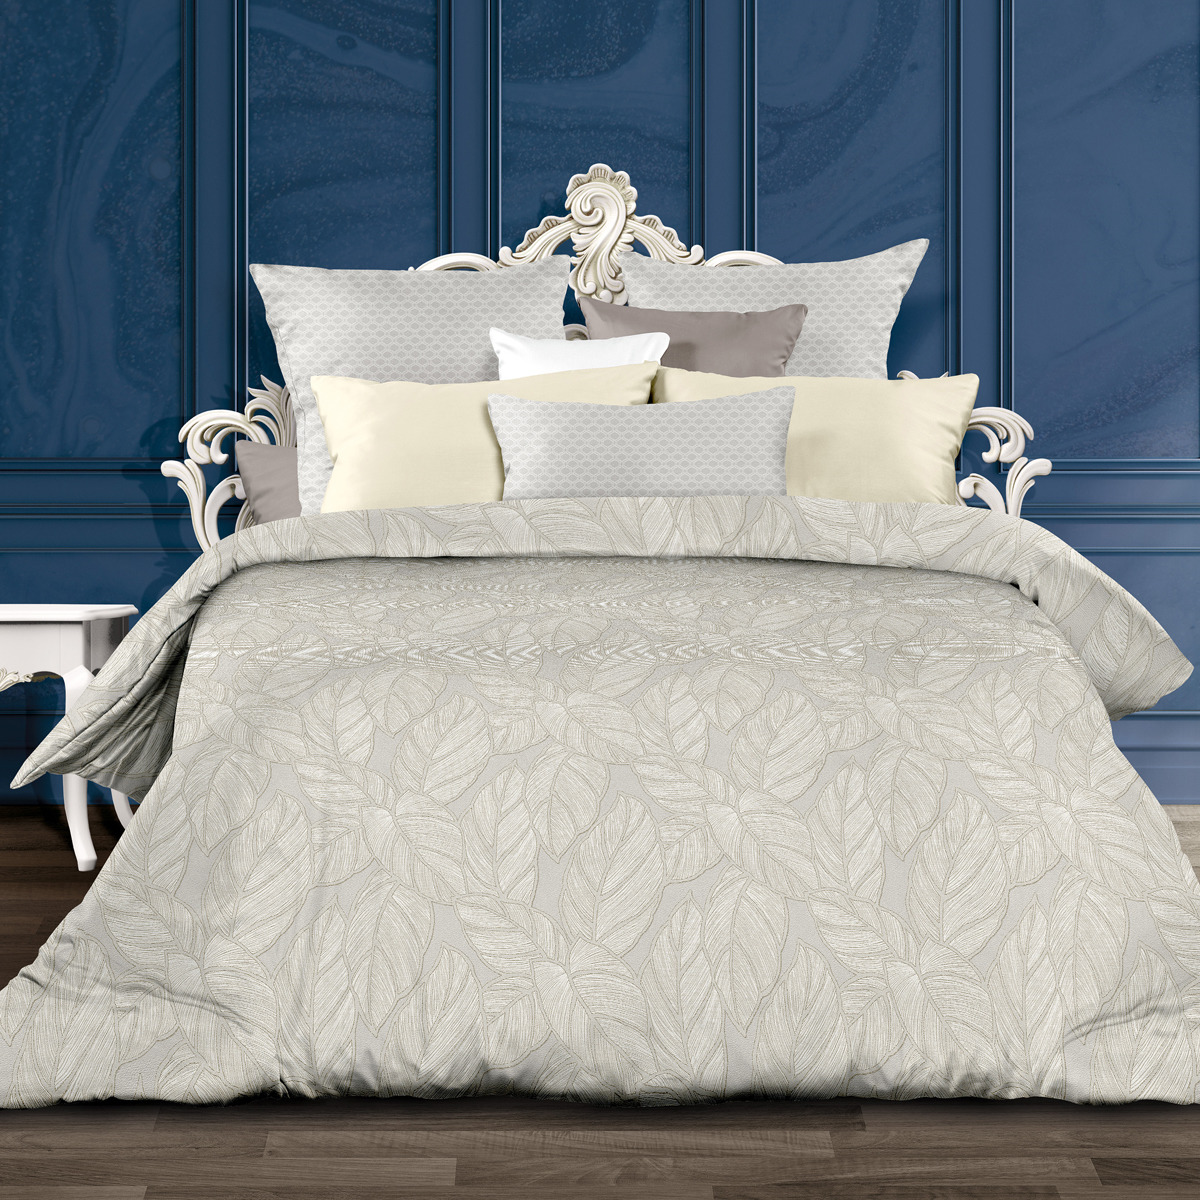 Комплект постельного белья Унисон Силенсио, 552221, 2-спальный, наволочки 70x70 комплект постельного белья унисон криолло